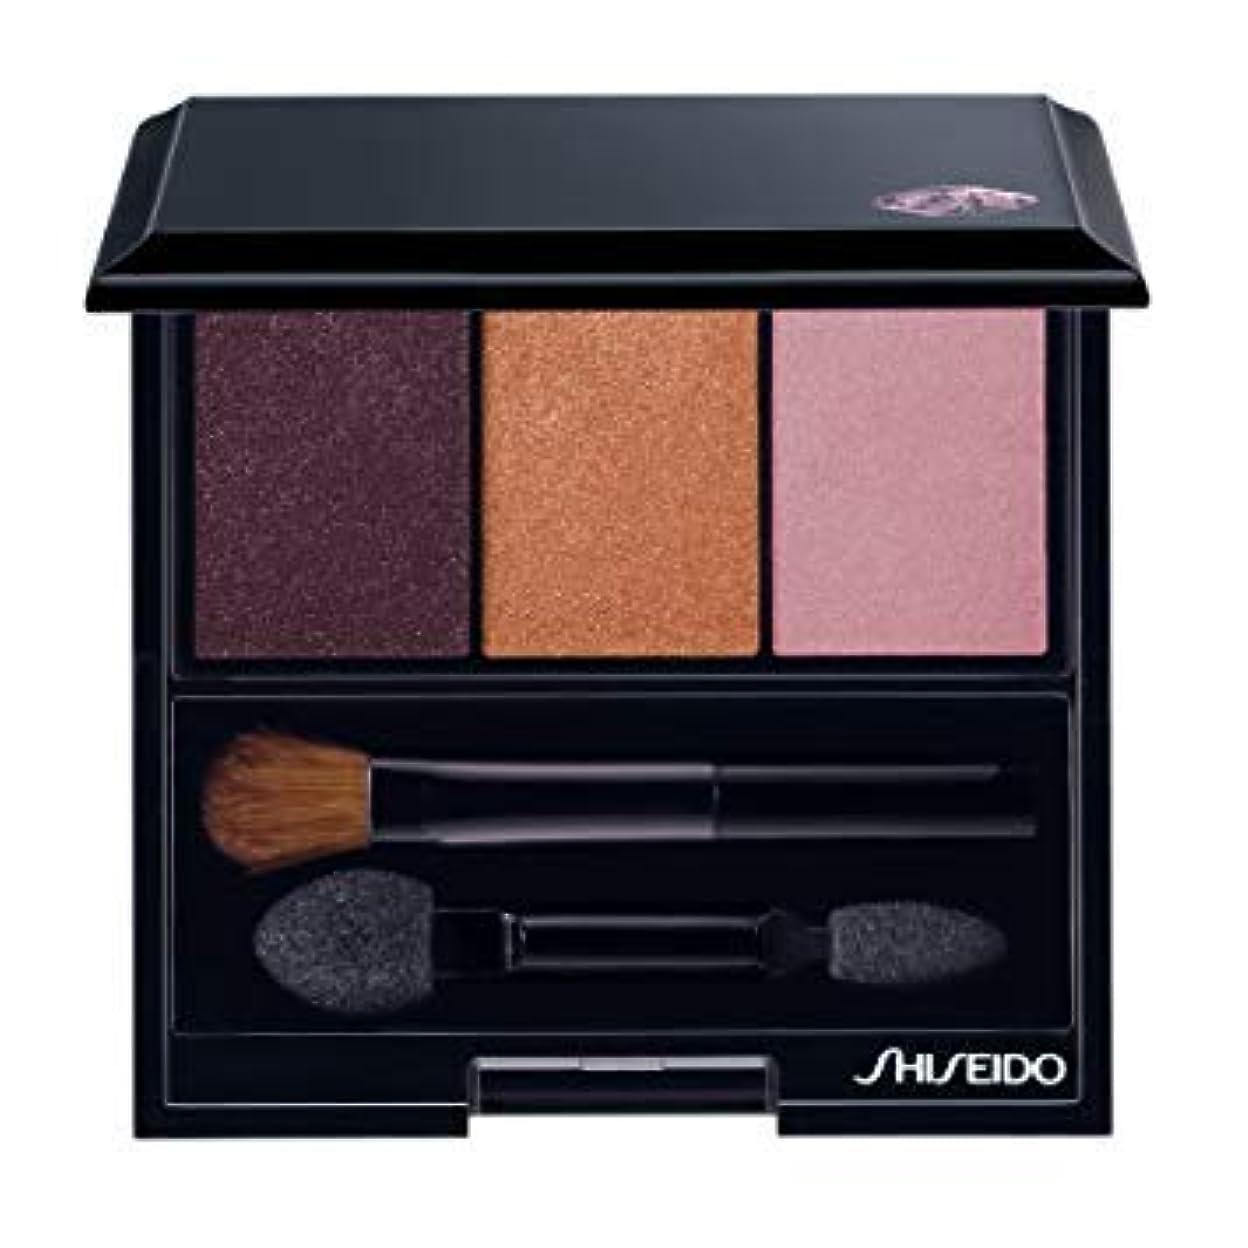 病気のなだめるアセ資生堂 ルミナイジング サテン アイカラー トリオ OR316(Shiseido Luminizing Satin Eye Color Trio OR316) [並行輸入品]